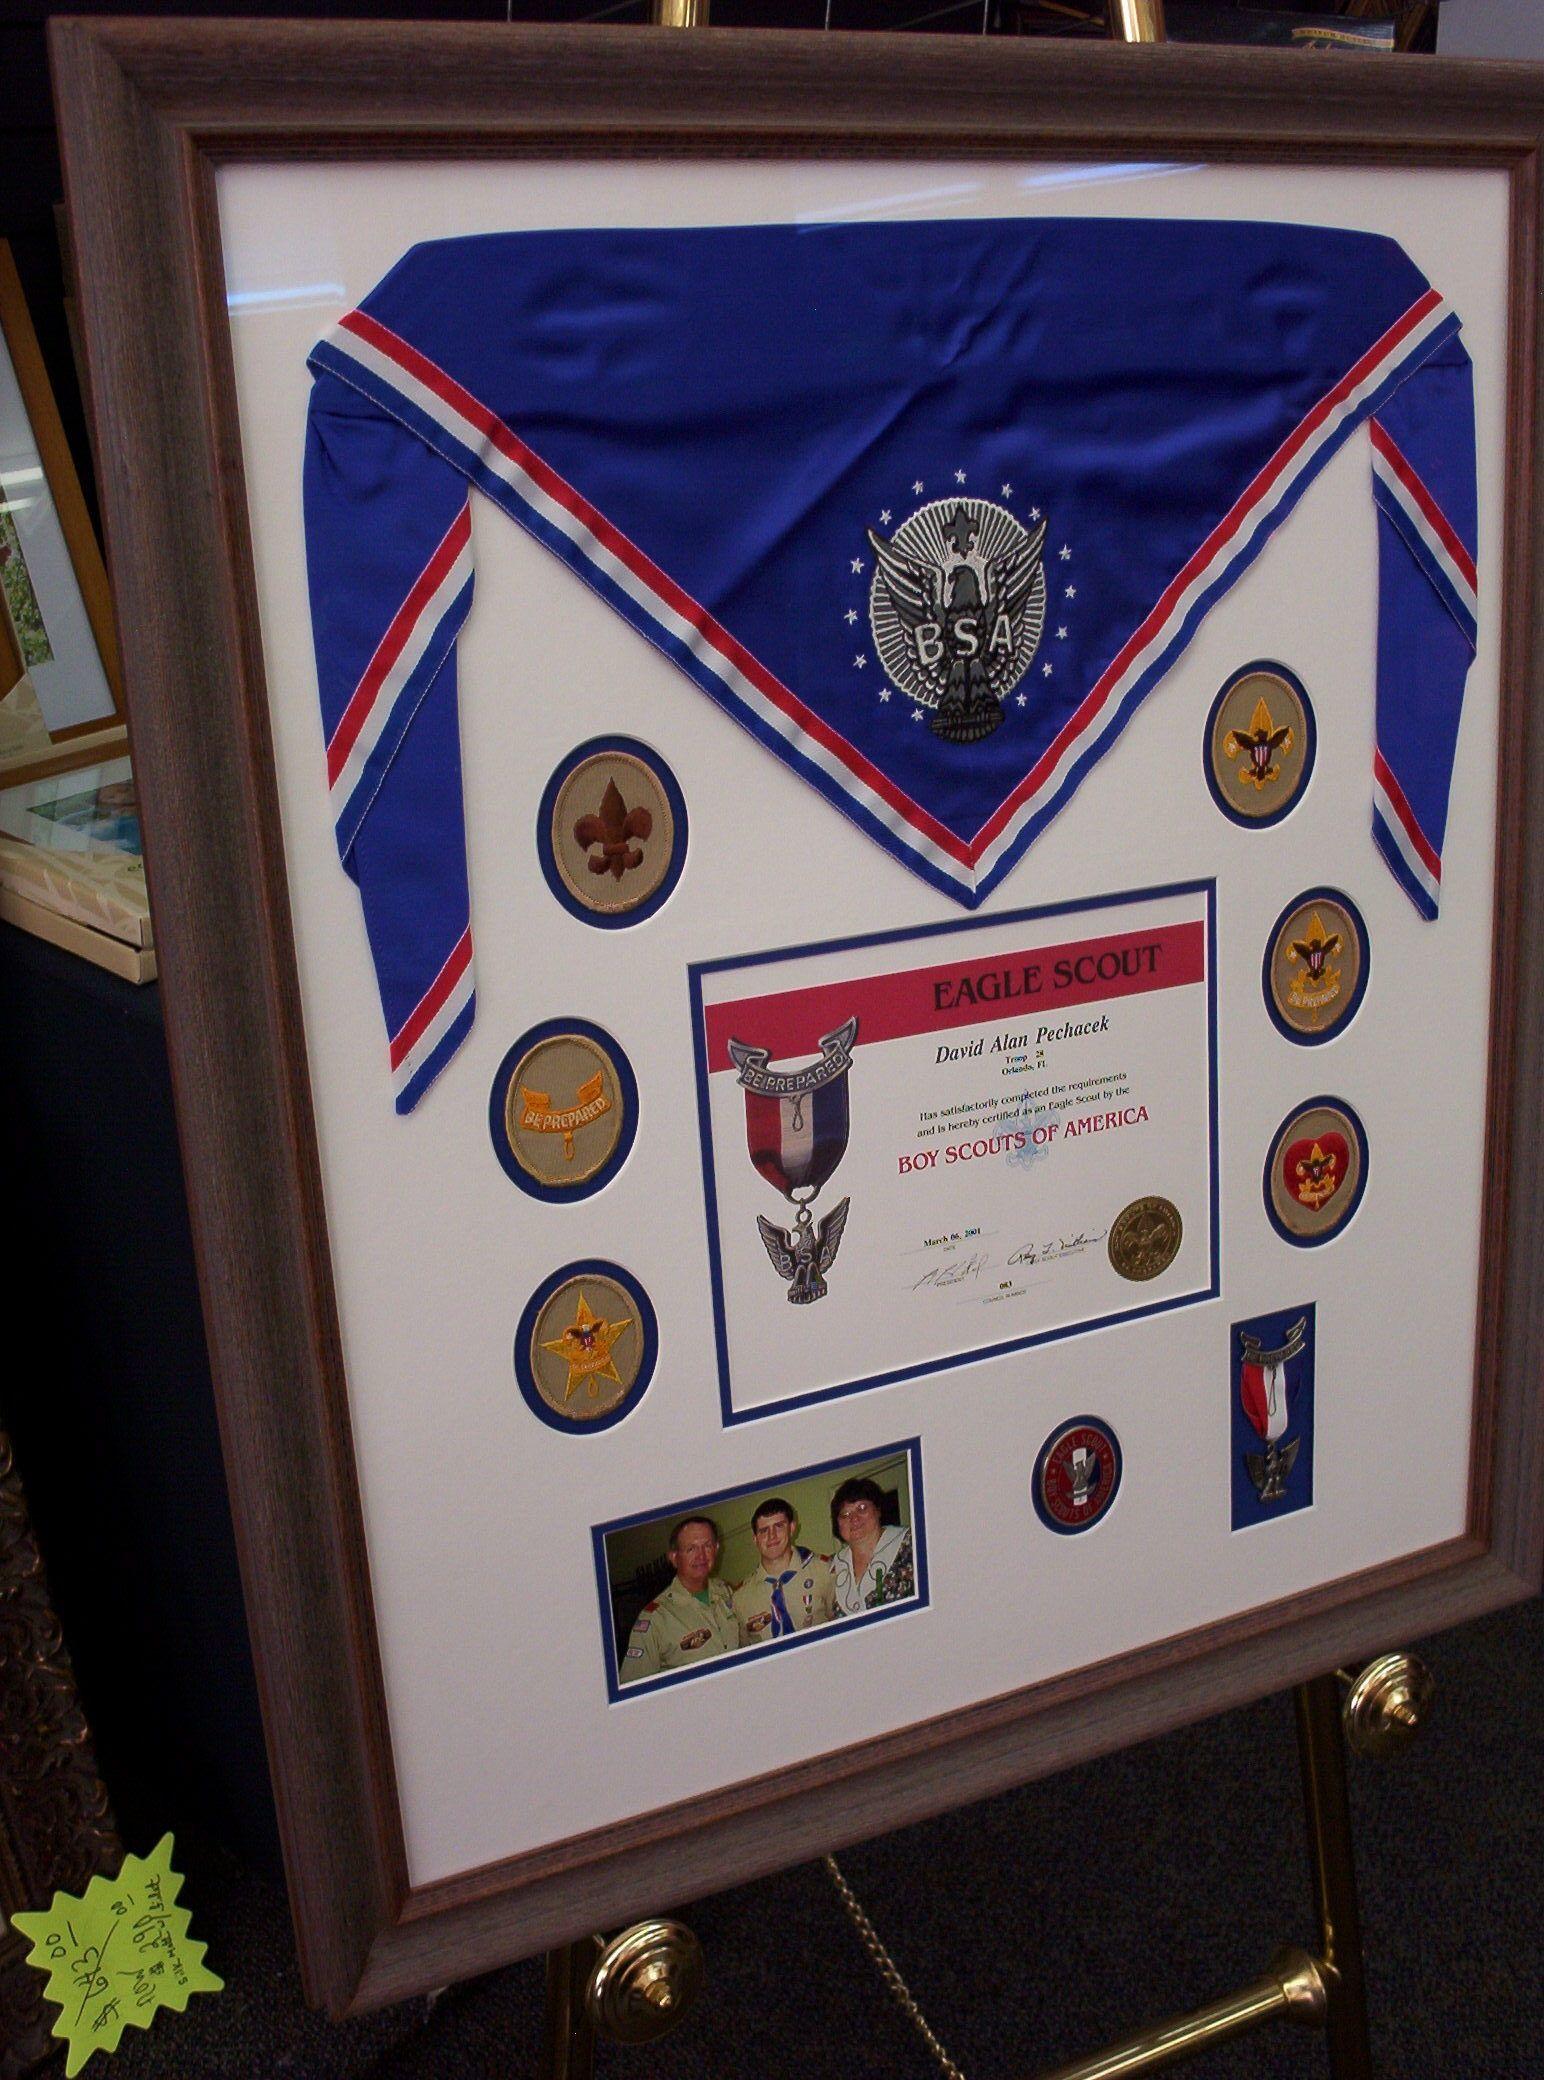 Eagle Scout Frame | Boy Scouts {Cub scouts} | Pinterest | Eagle ...